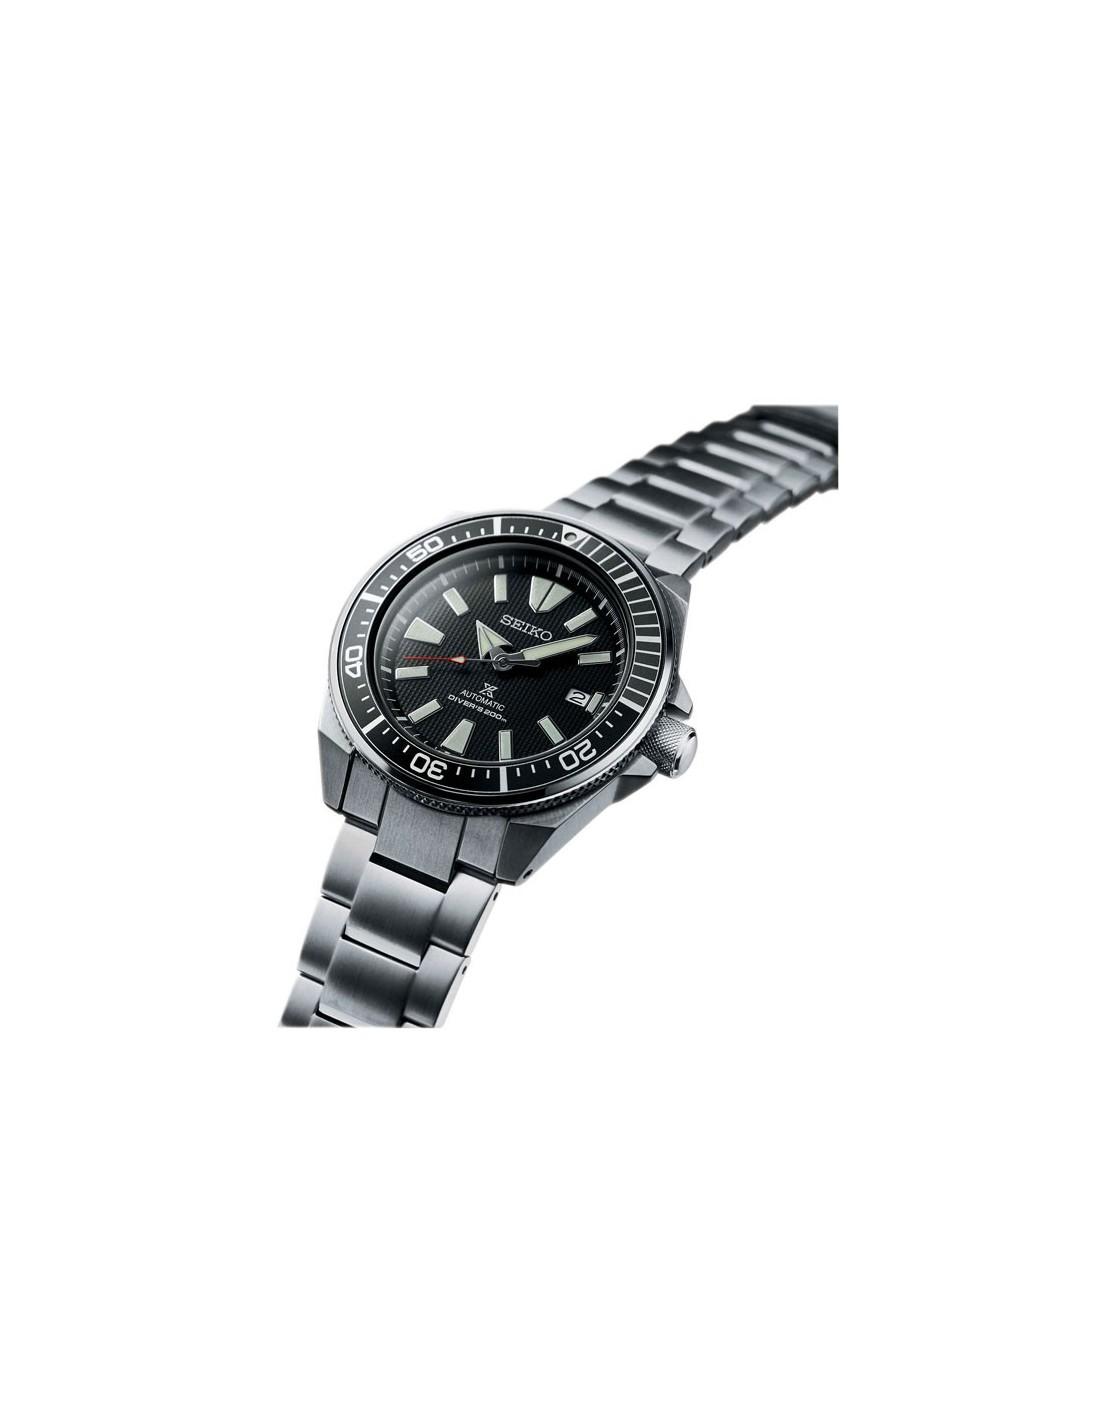 e8e40da390b ... Relógio Seiko Prospex Automático Diver´s Samurai SRPB51K1 ...